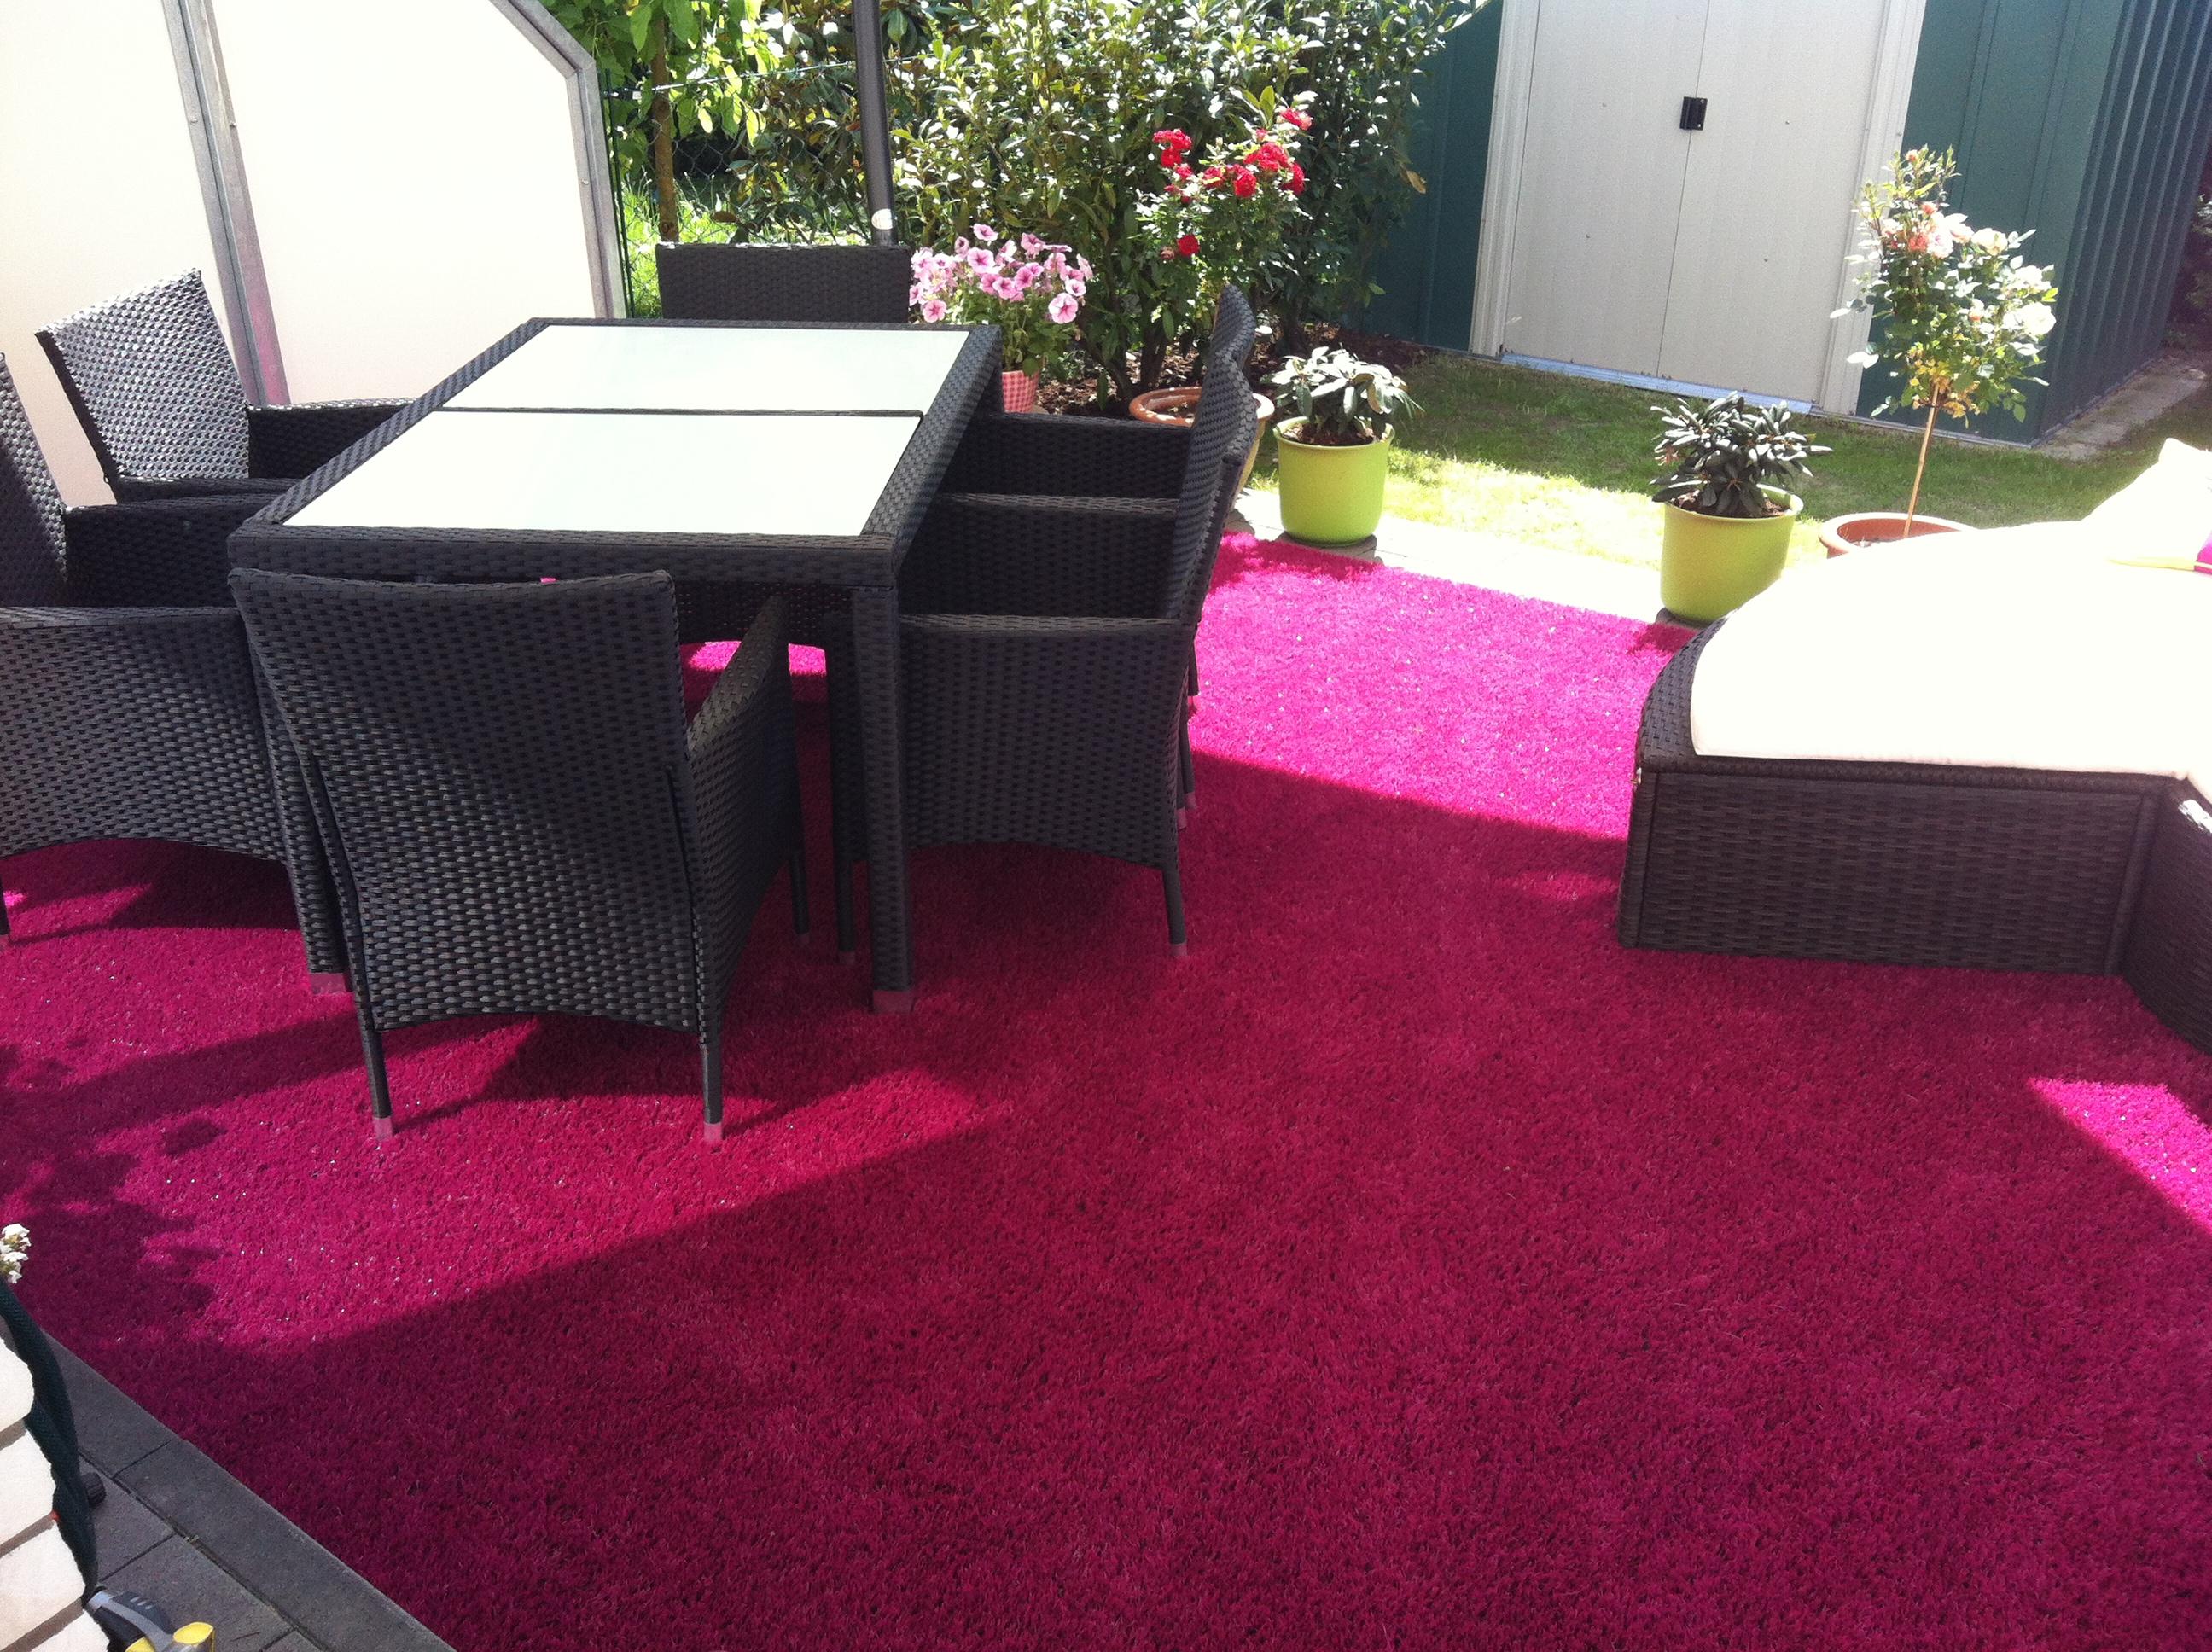 Lila Teppich für den Außenbereich